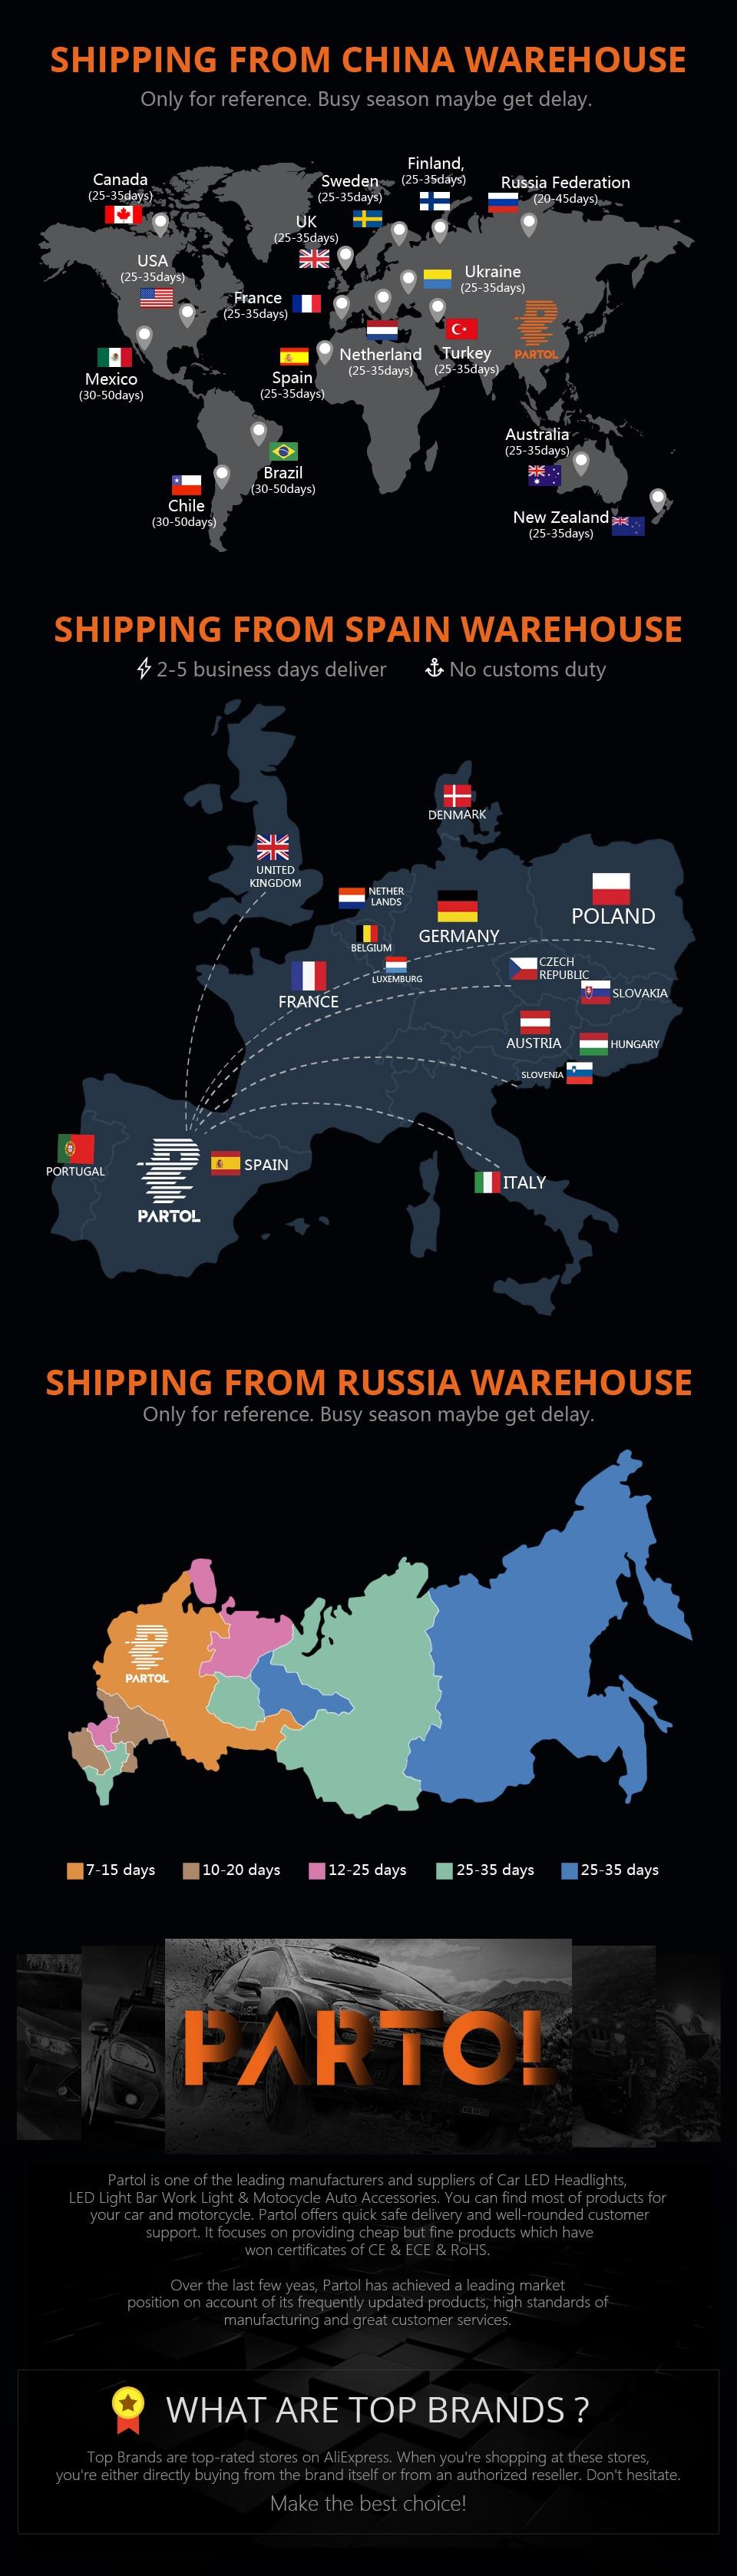 shipment republic